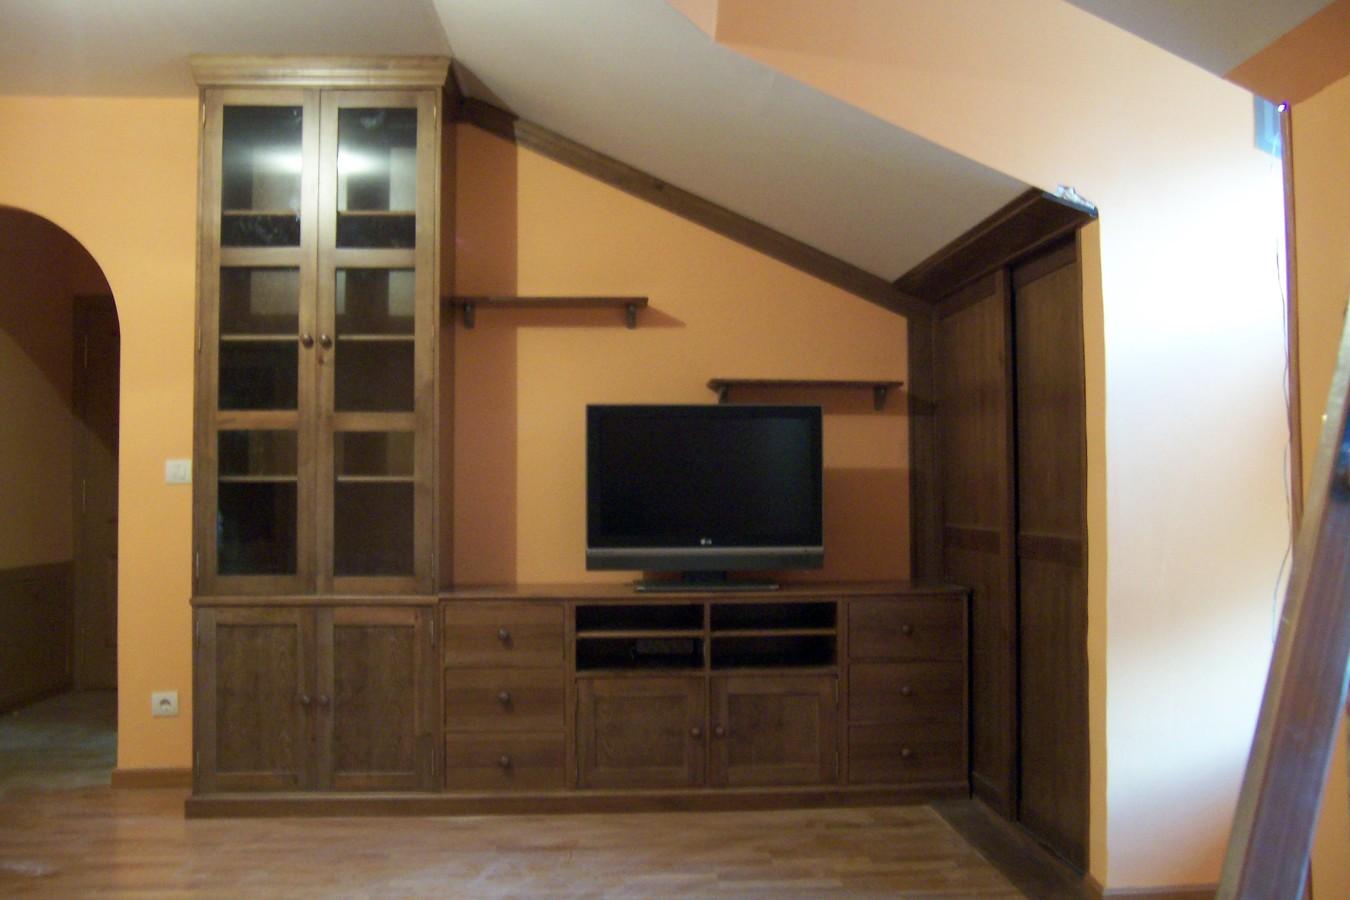 Foto mueble de sal n y puerta corredera de la alacena - Mueble puertas correderas ...